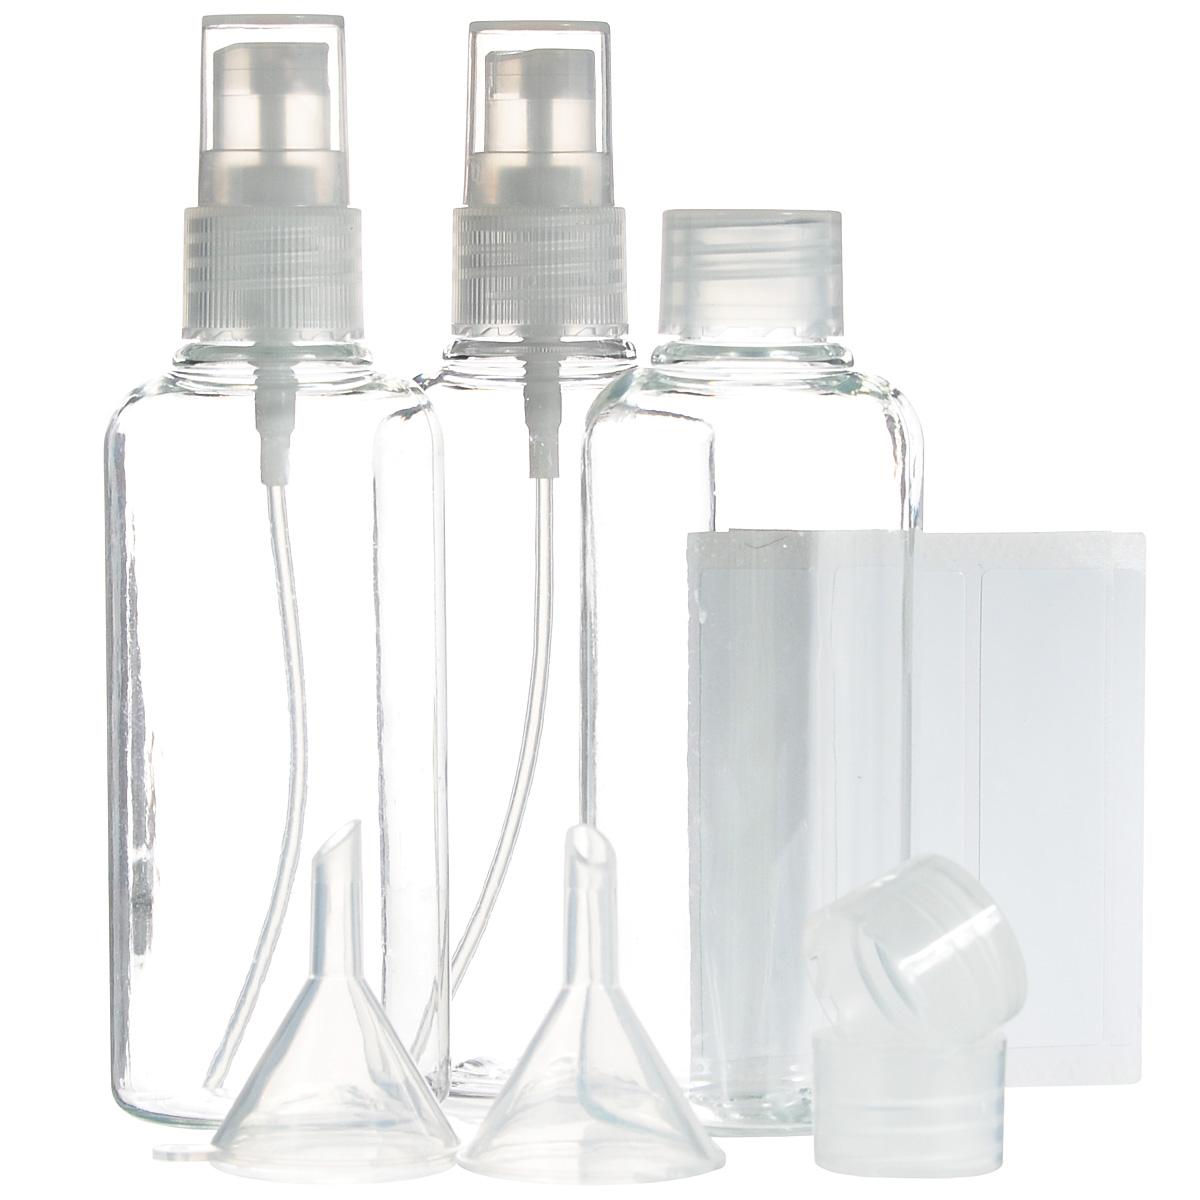 Набор контейнеров для жидкостей JustinCase, с аксессуарами, 12 предметовMP59.3DНабор JustinCase состоит из 3 контейнеров, 2 крышек-диспансеров и 2 воронок.Контейнеры, изготовленные из пластика, прекрасно подойдут для жидких средств по уходу за телом и волосами (шампунь, кондиционер, гель для душа, массажное масло), которые вы хотите взять в дорогу. Все контейнеры можно использовать много раз. В комплекте такого дорожного набора - 5 упаковок наклеек для подписи содержимого контейнеров.Все предметы набора расположены в удобной пластиковой сумочке-чехле на змейке.Высота стенок контейнера: 9 см. Диаметр горлышка контейнера: 1,5 см.